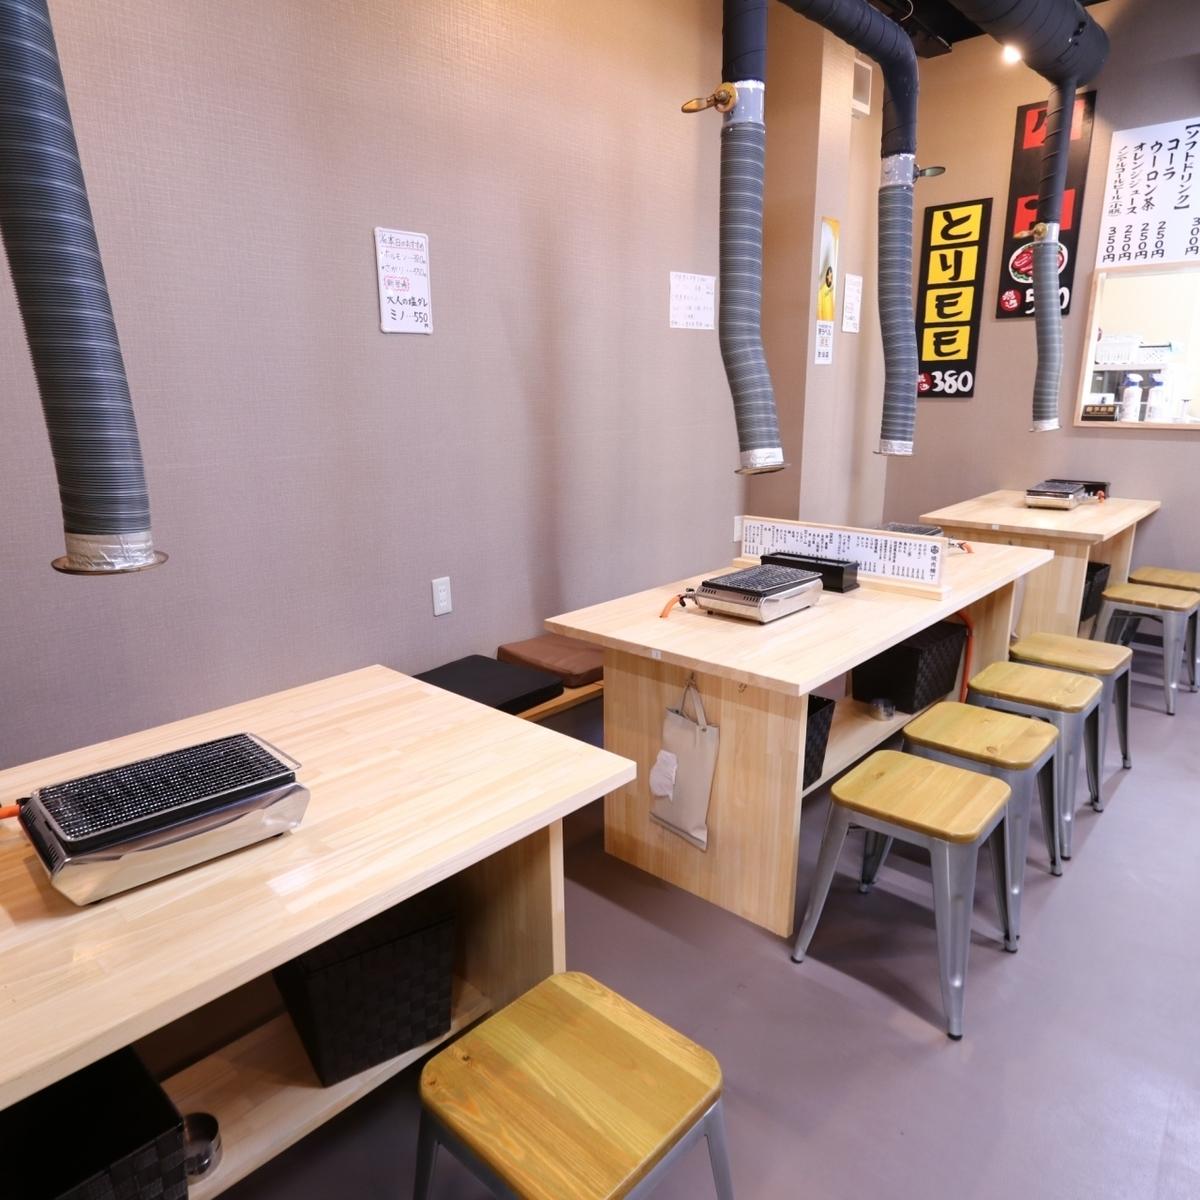 它是沙發和椅子的座位,最多可容納8人。我們會根據人數準備。您可以在每個場景中享受Yakiniku派對。推薦小宴會/歡迎招待會!